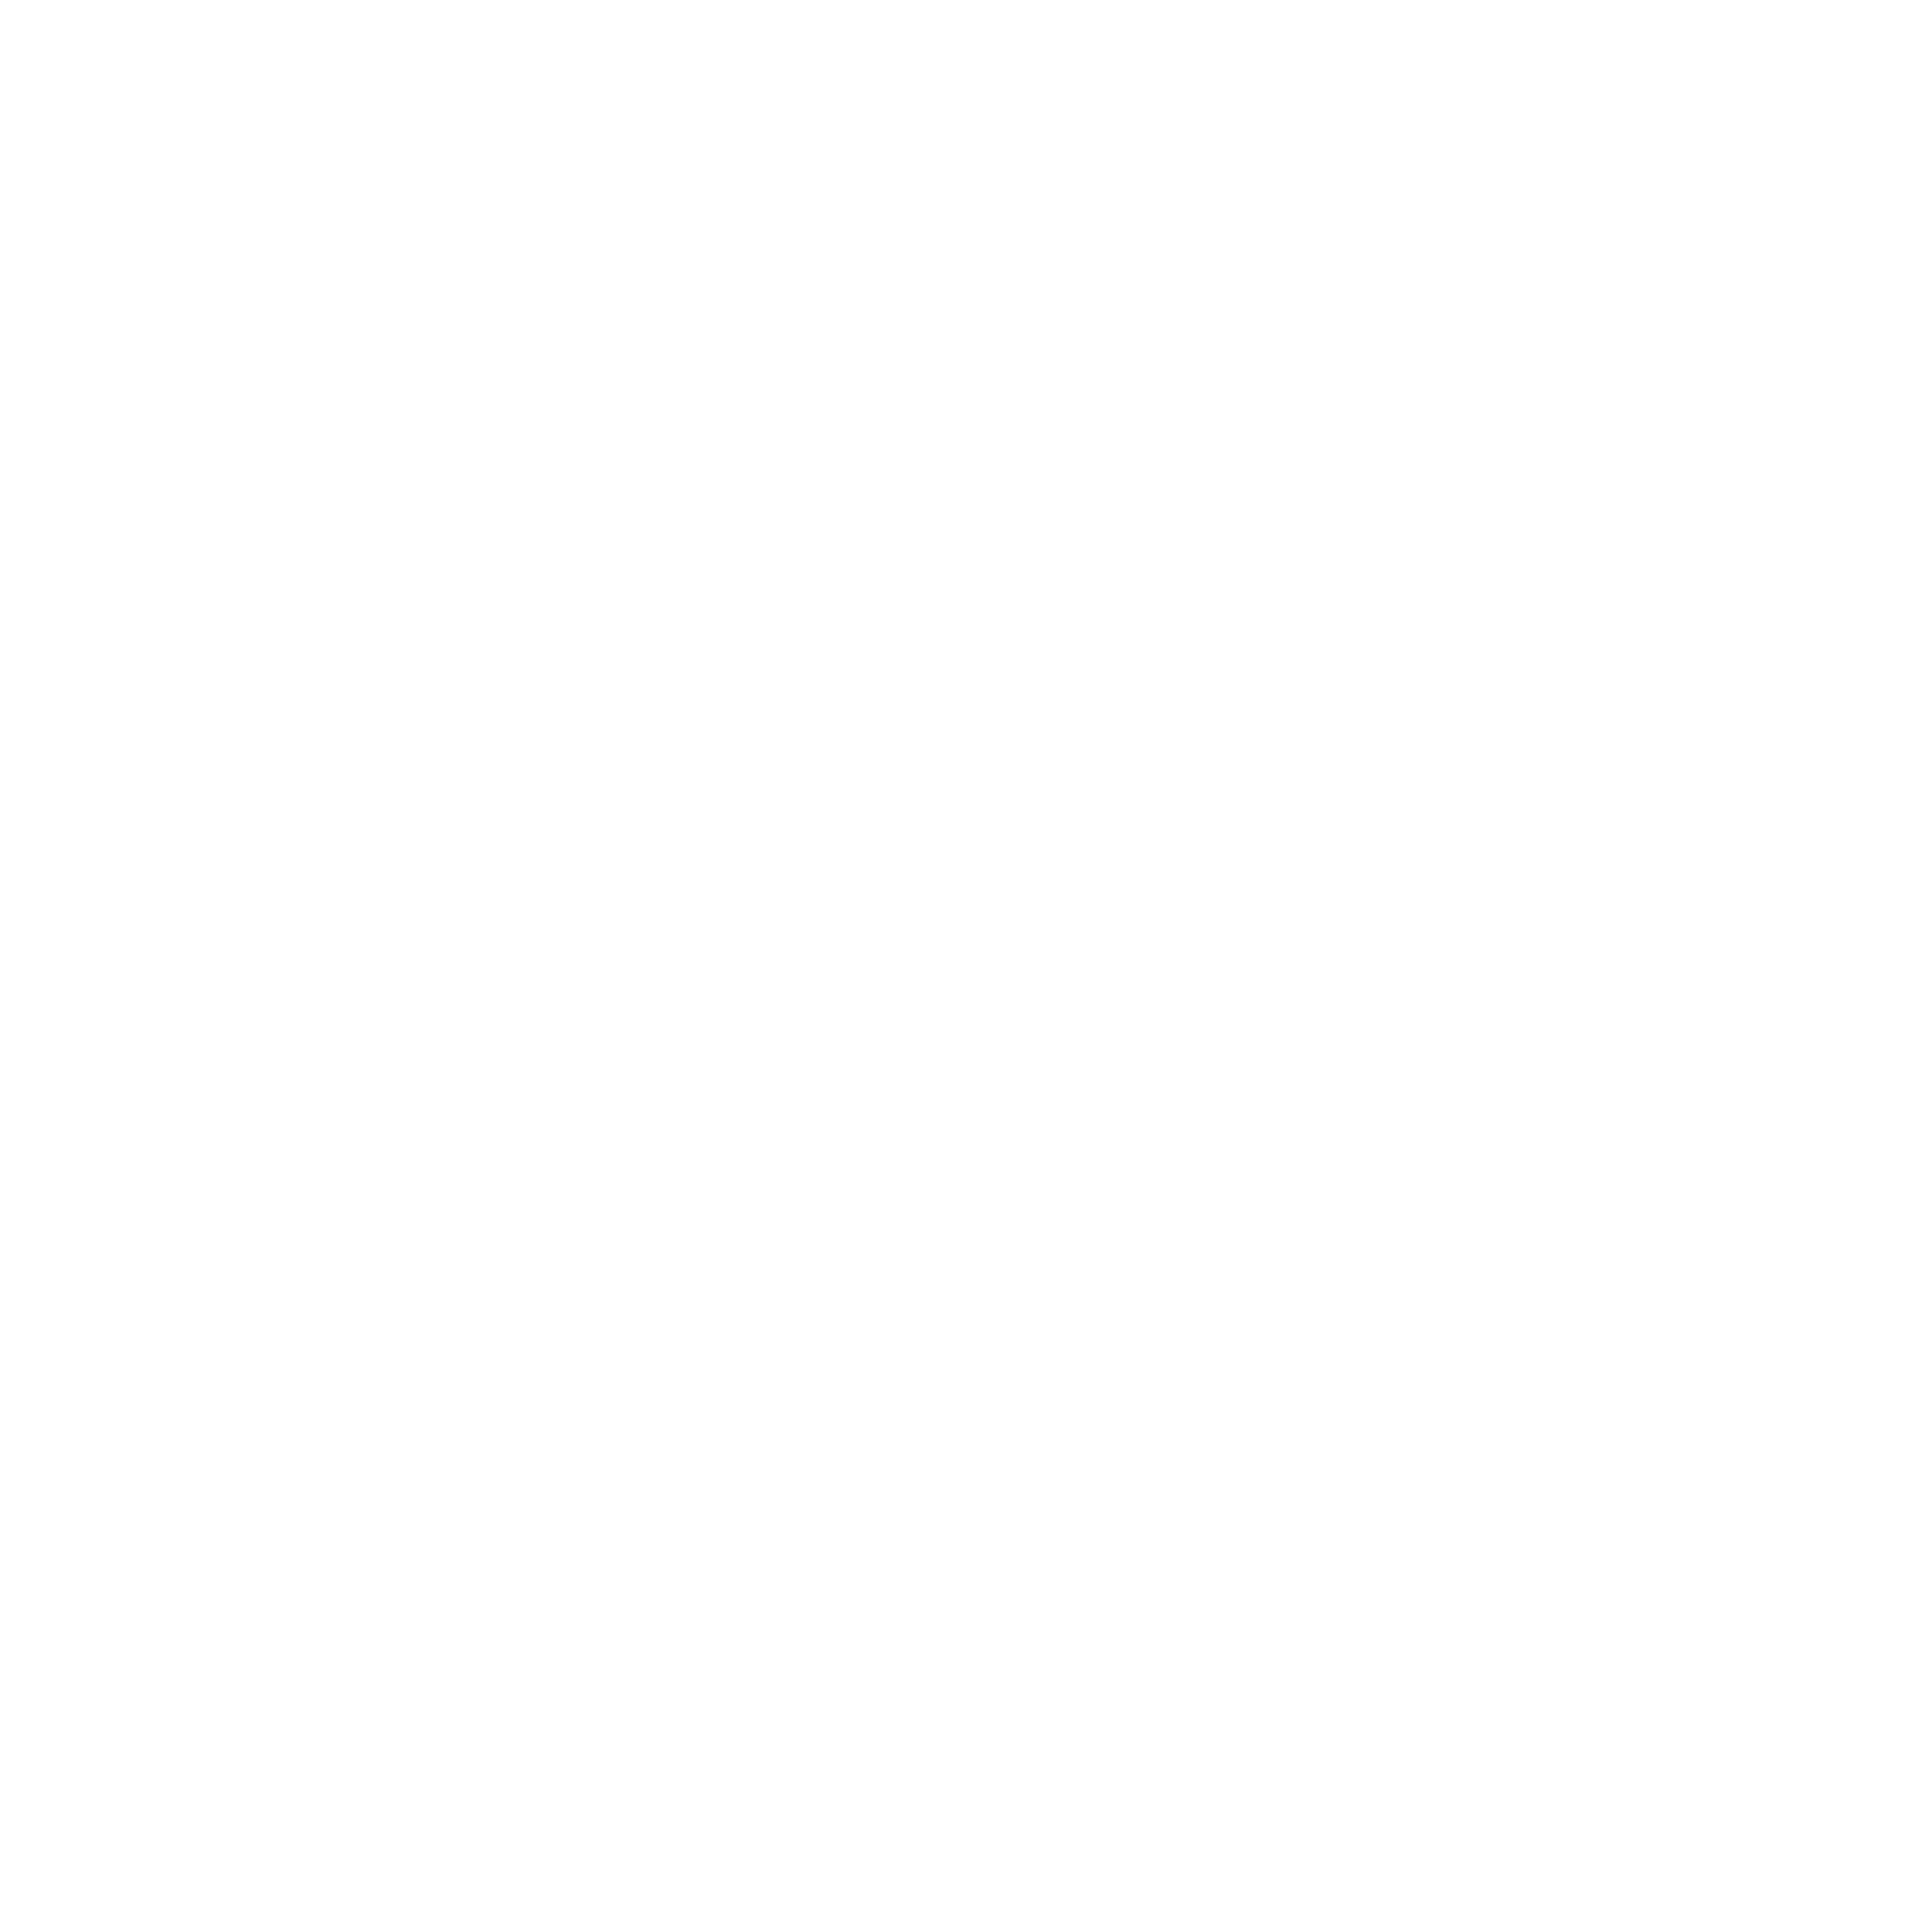 C QUADRA